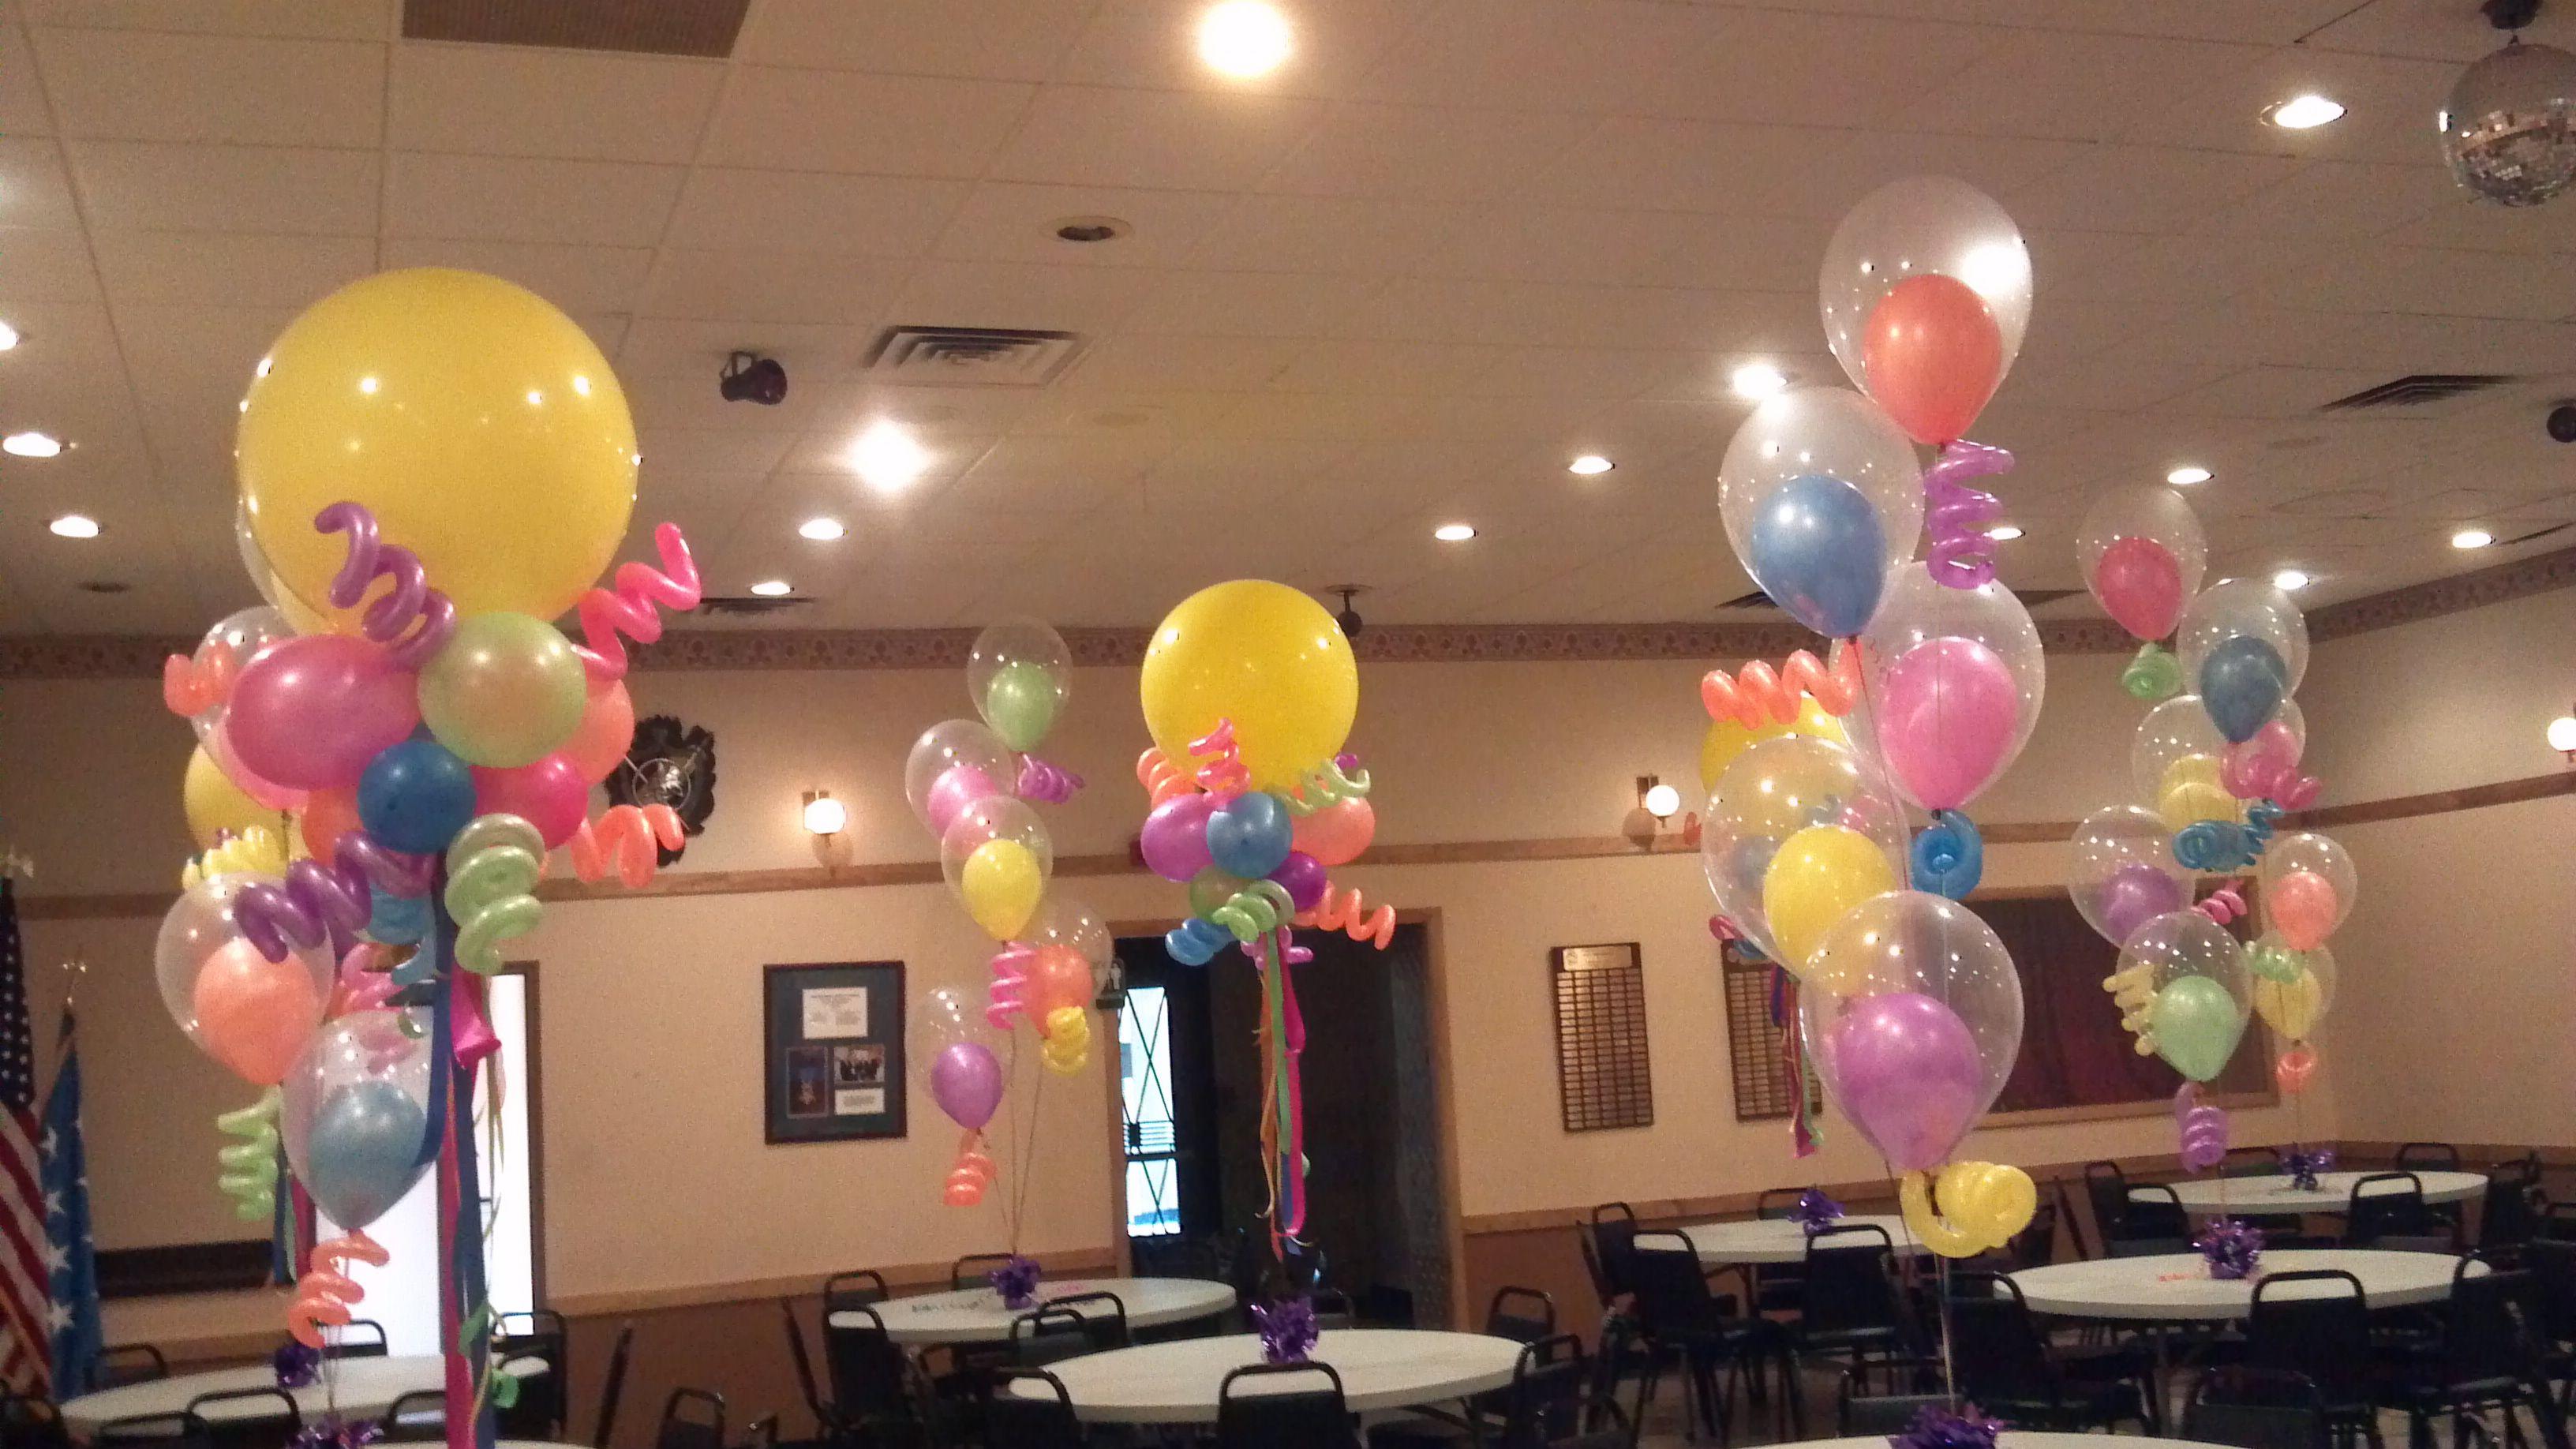 Neon color balloon centerpieces